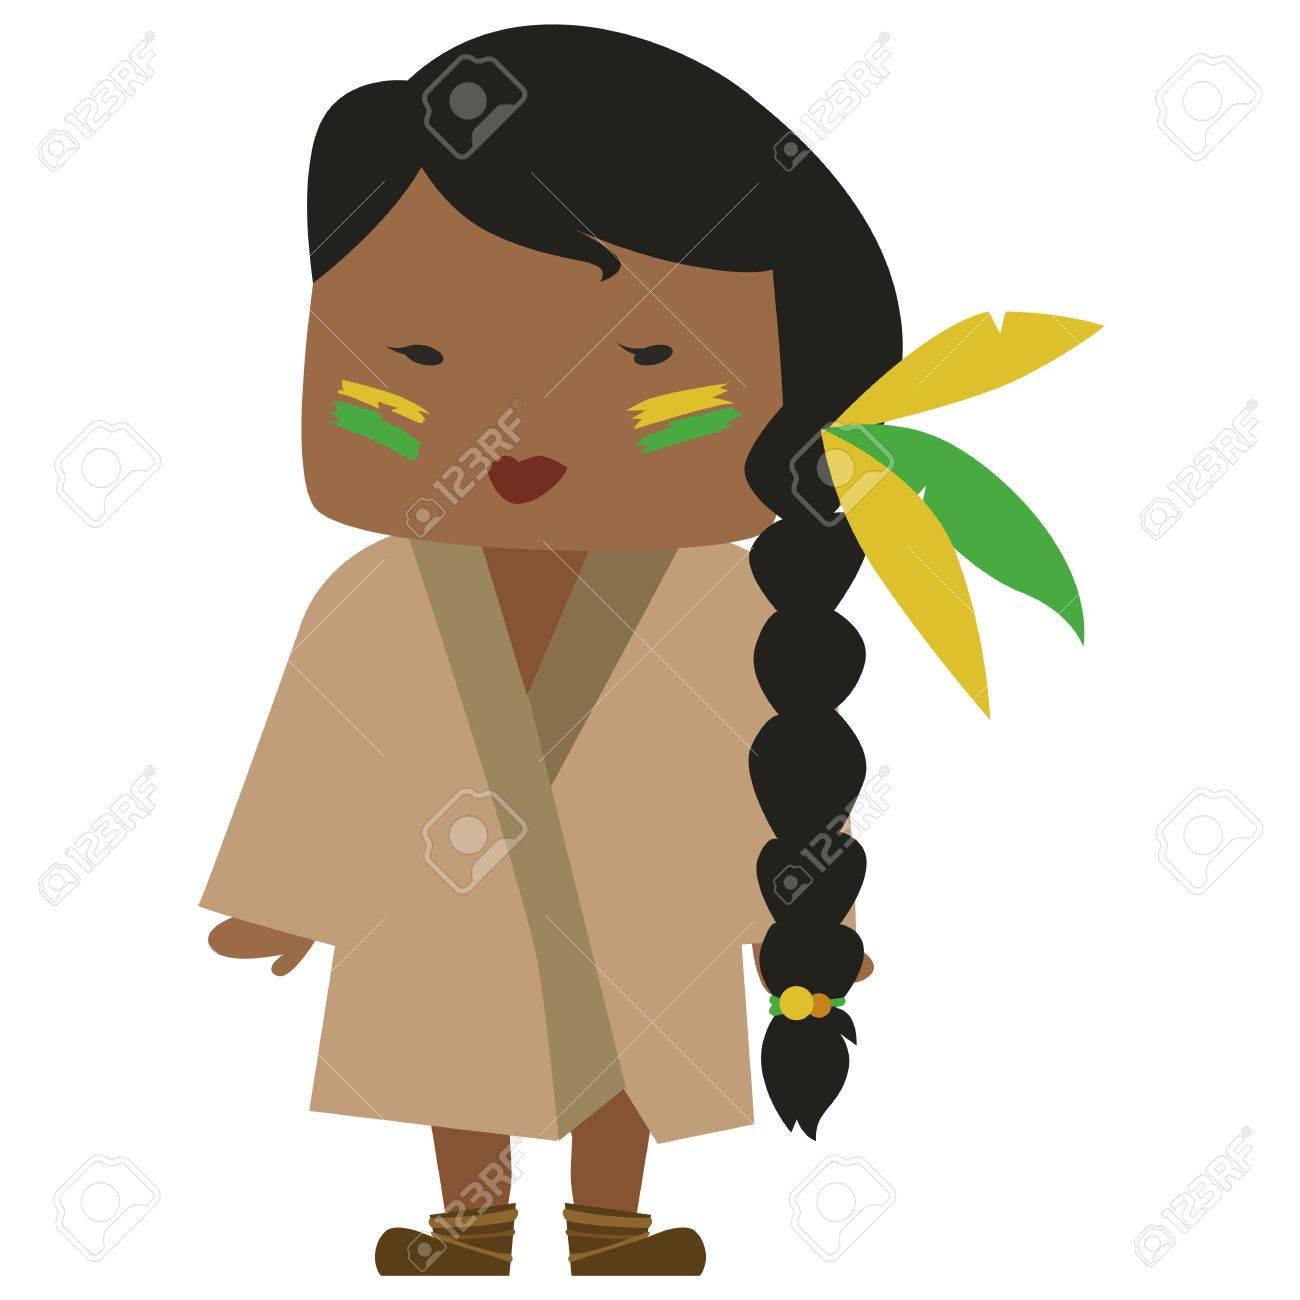 Comic Bild Von Einem Native American Madchen Mit Einem Schonen